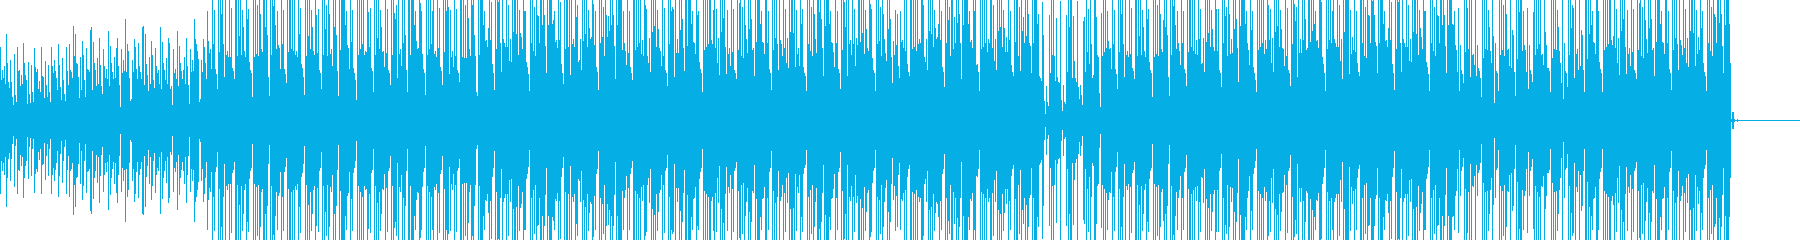 トラップ ヒップホップ 実験的 神...の再生済みの波形